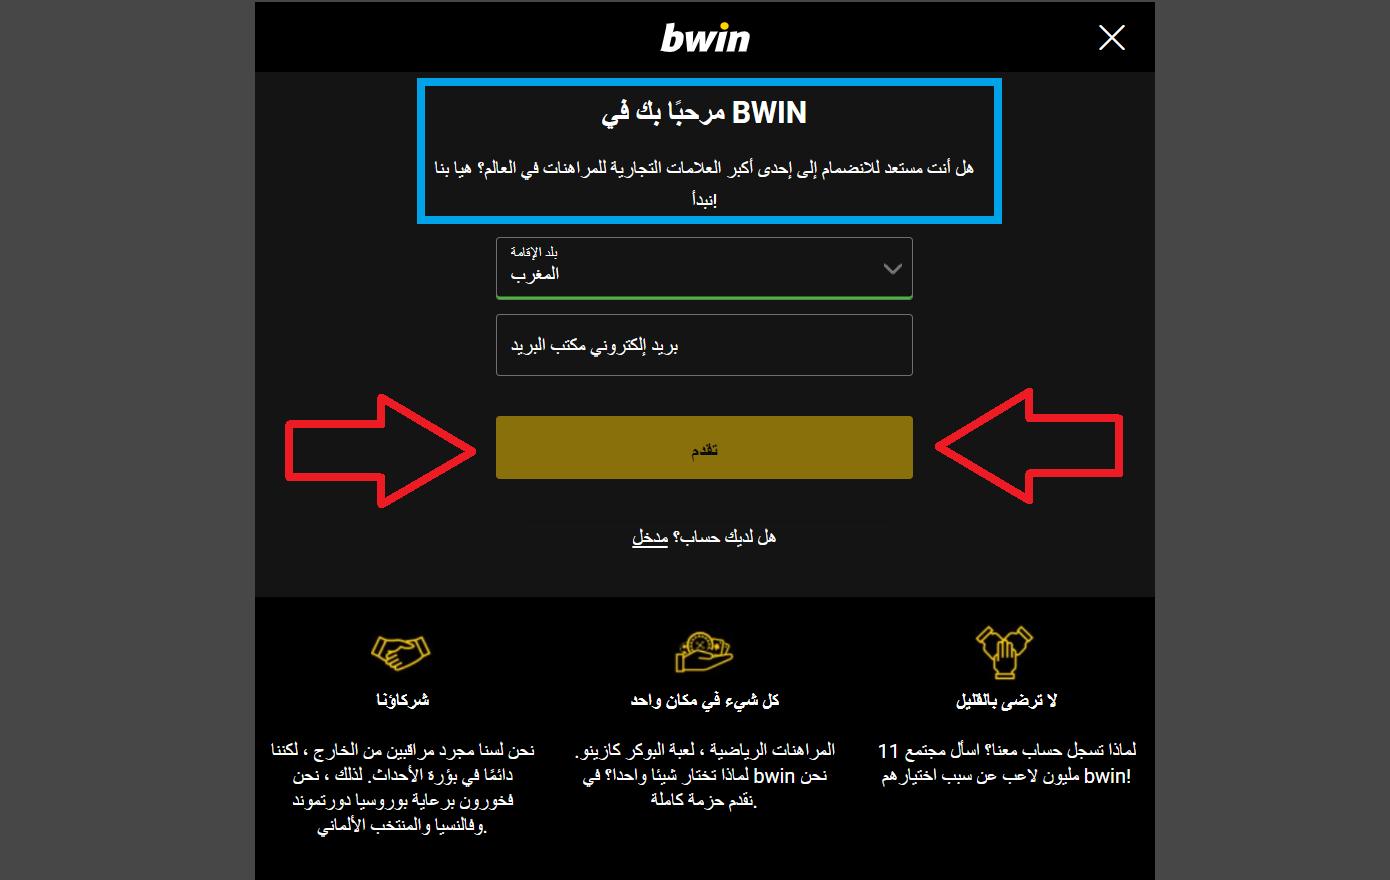 مكافأة تسجيل Bwin: كيفية الحصول عليها؟